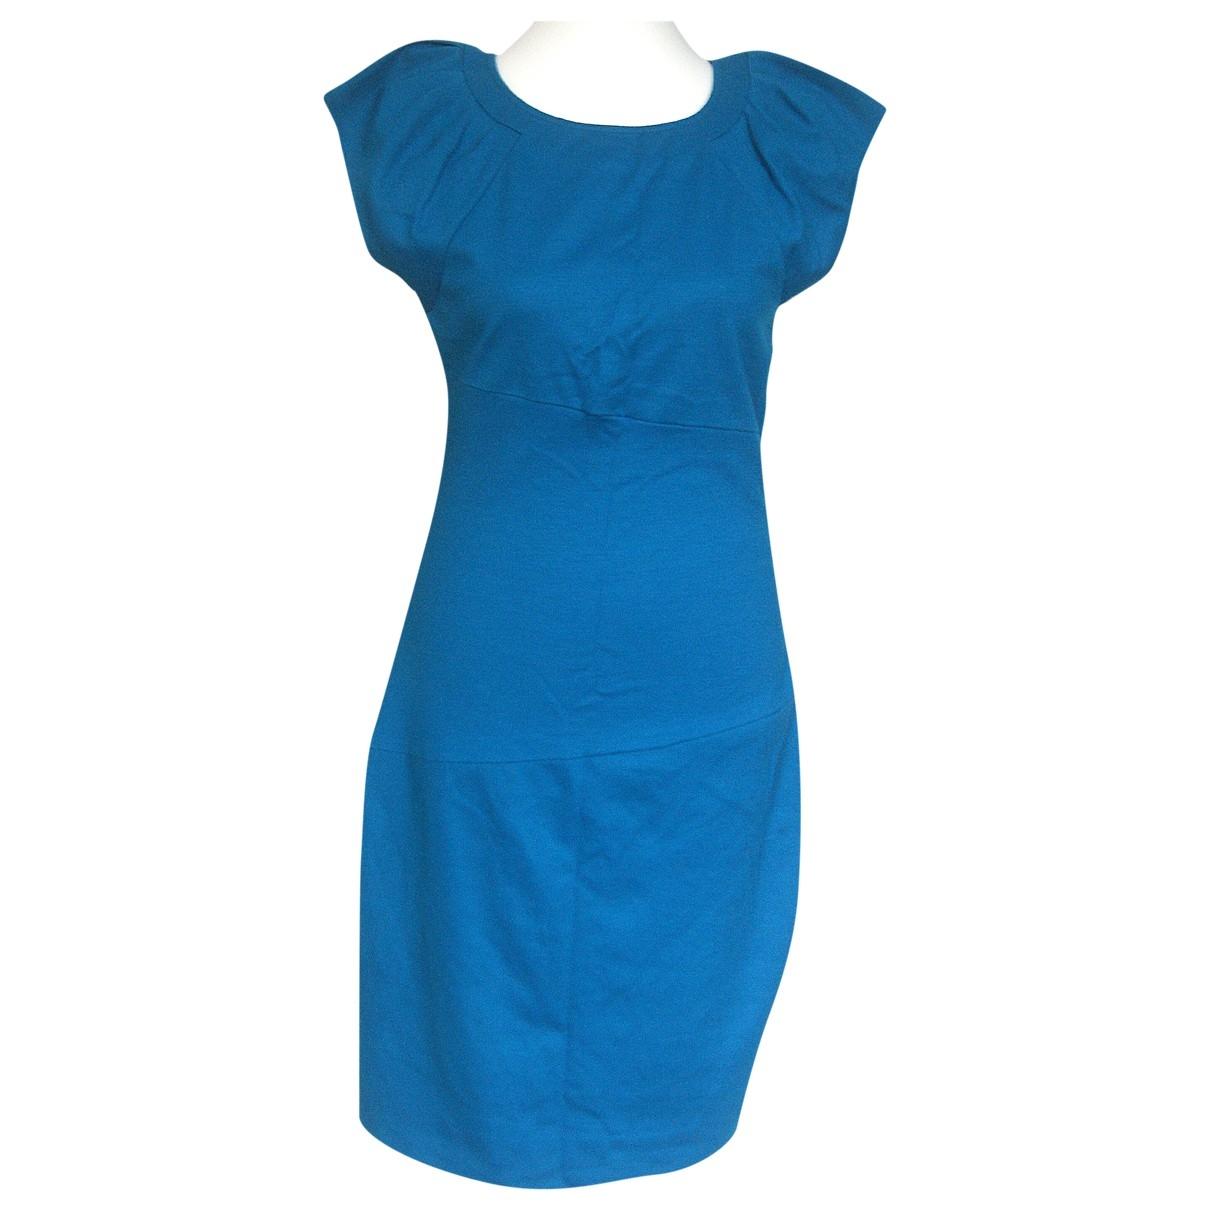 Diane Von Furstenberg \N Turquoise Wool dress for Women 10 US